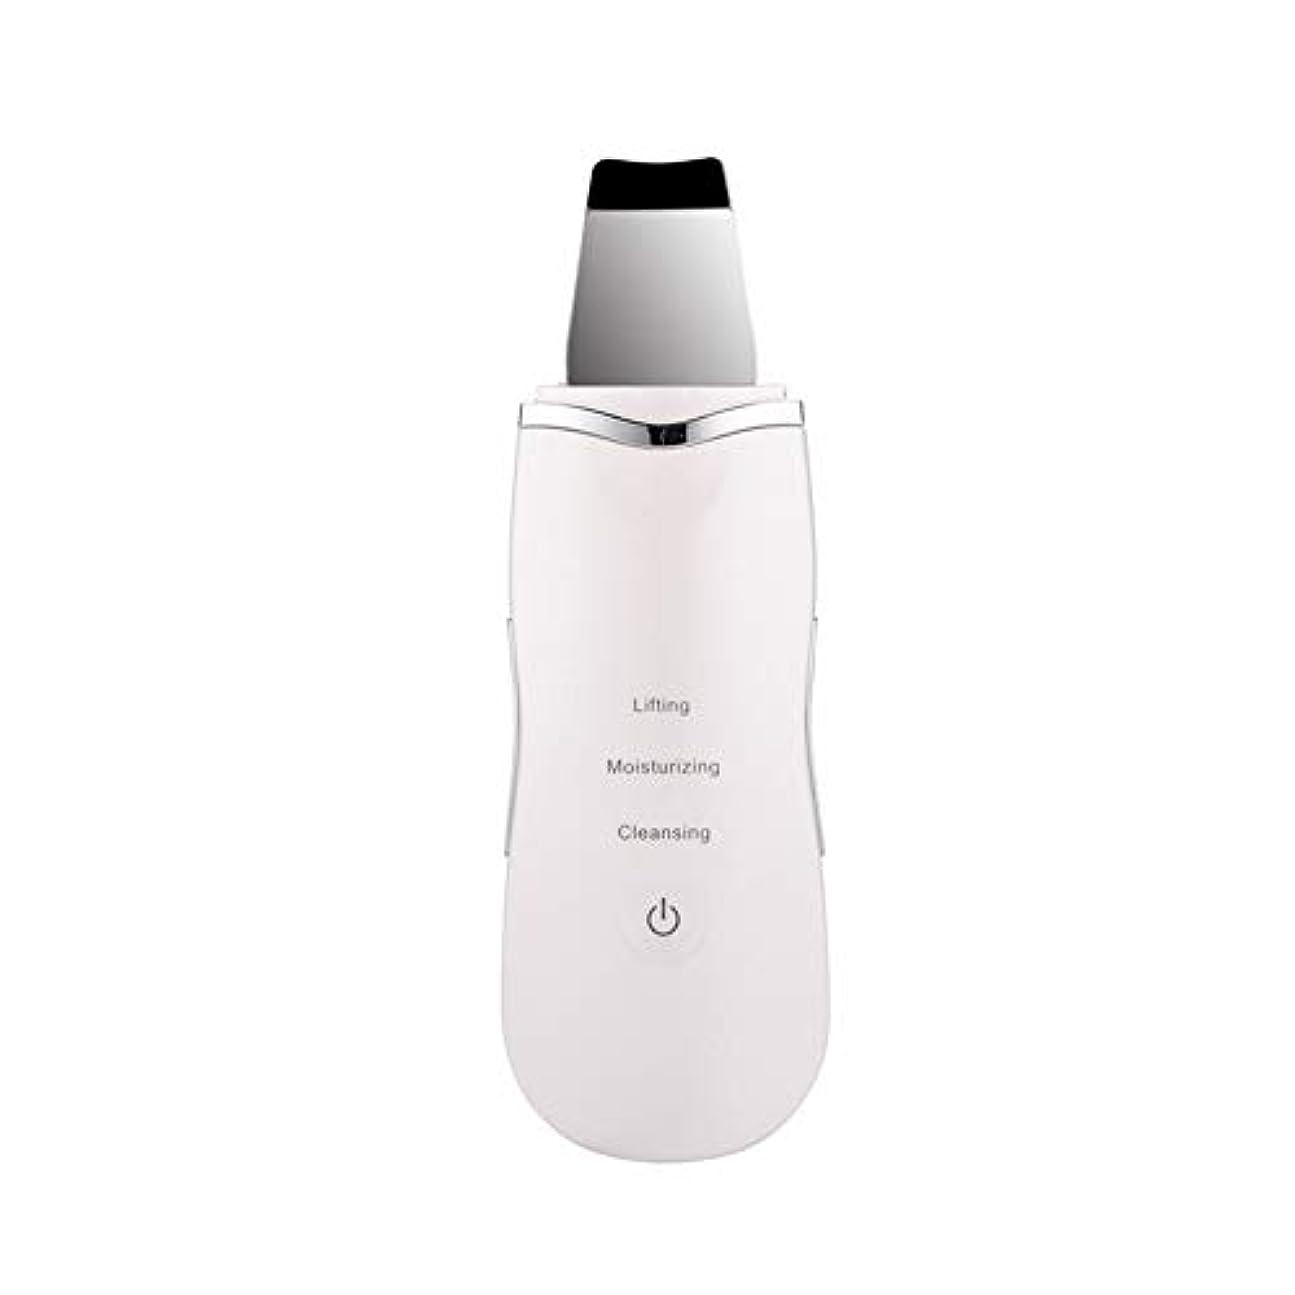 プロフェッショナル超音波フェイシャルスキンスクラバーイオンディープフェイスクリーニングピーリング充電式スキンケアデバイス美容器具